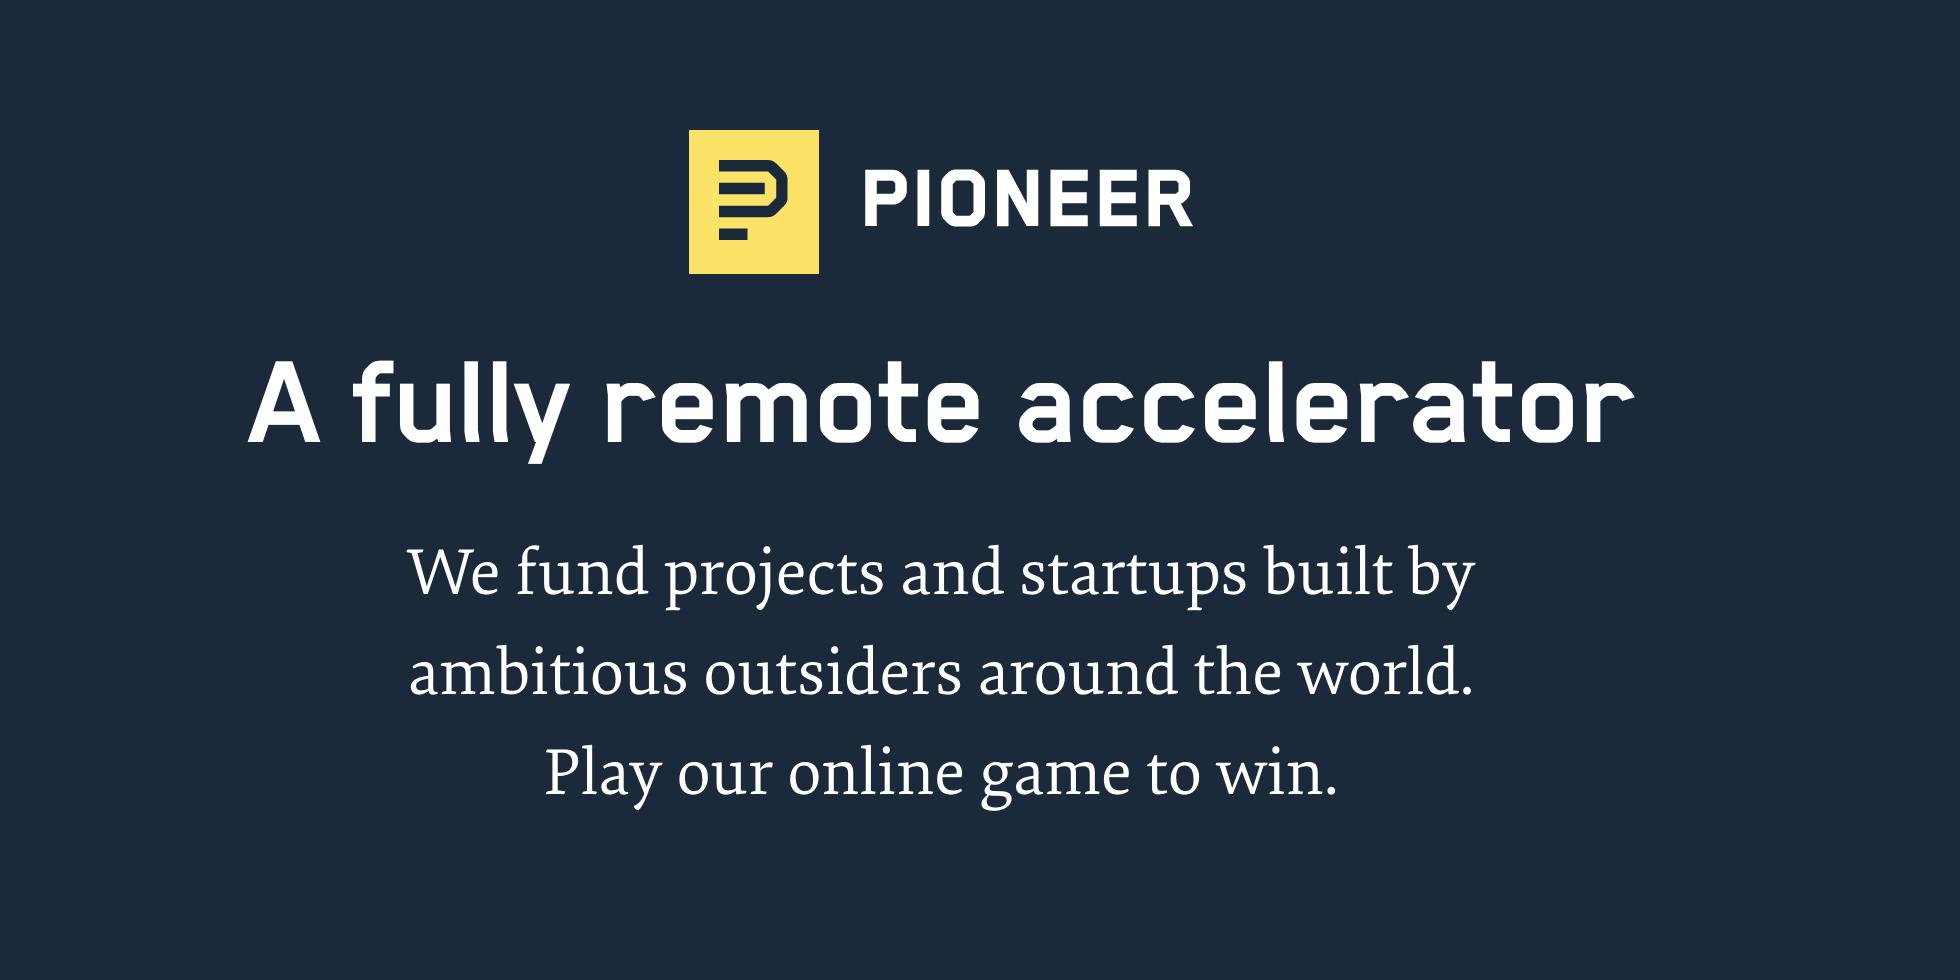 pioneer.app